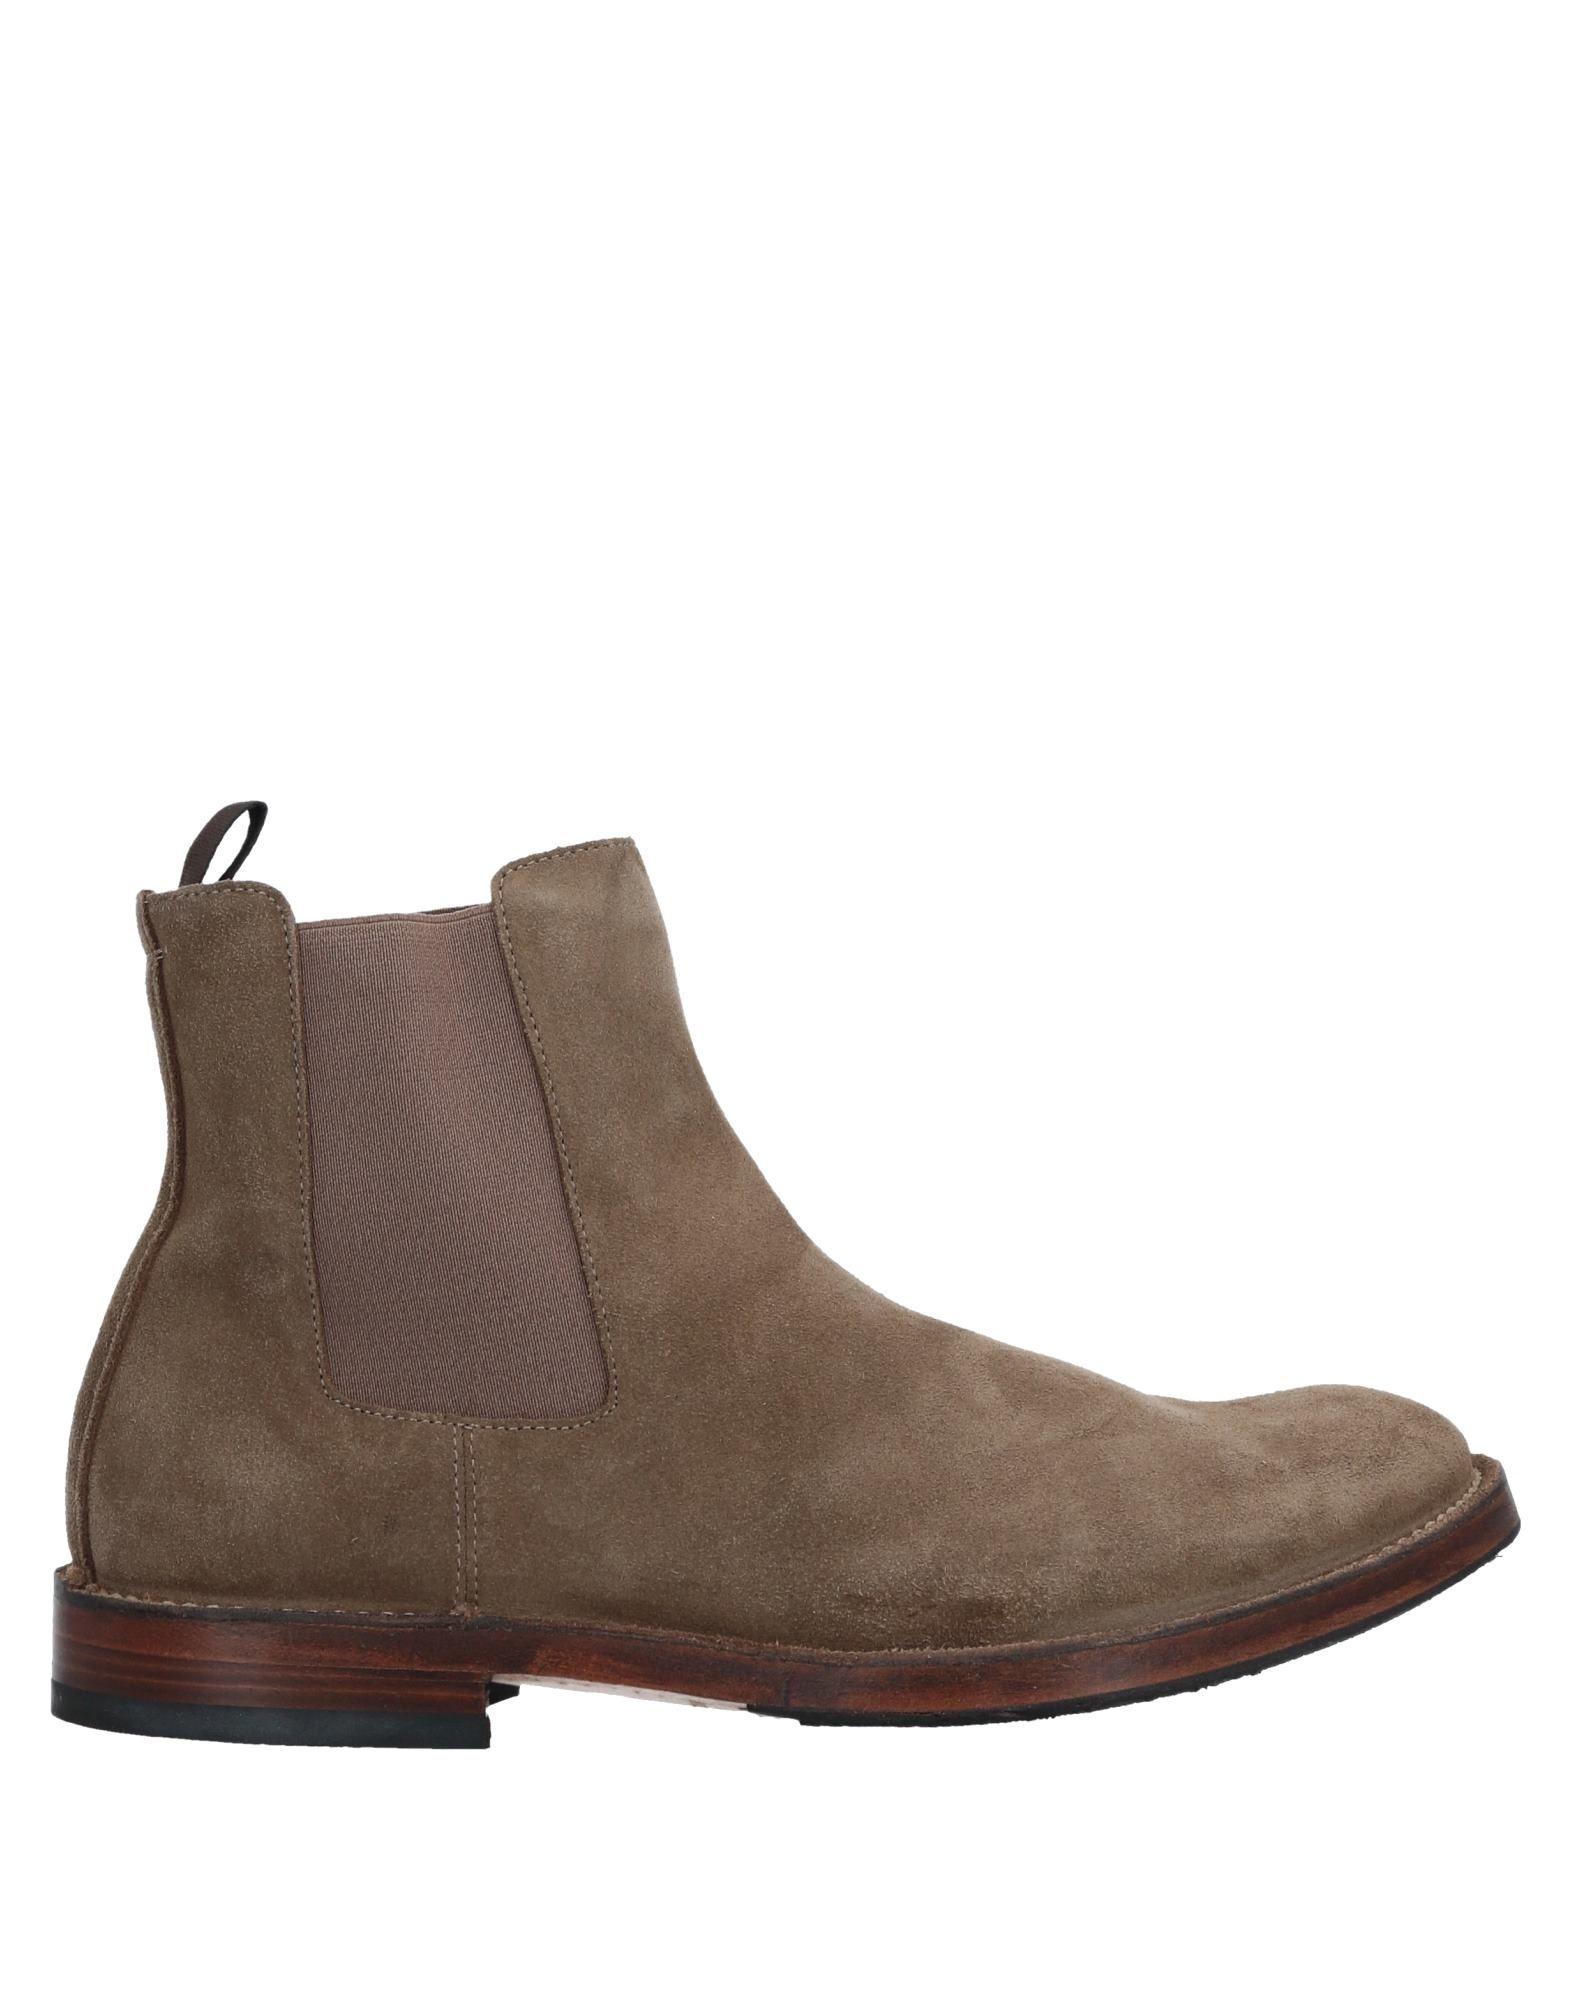 Officine Creative Italia Stiefelette Herren  11513287UD Gute Qualität beliebte Schuhe